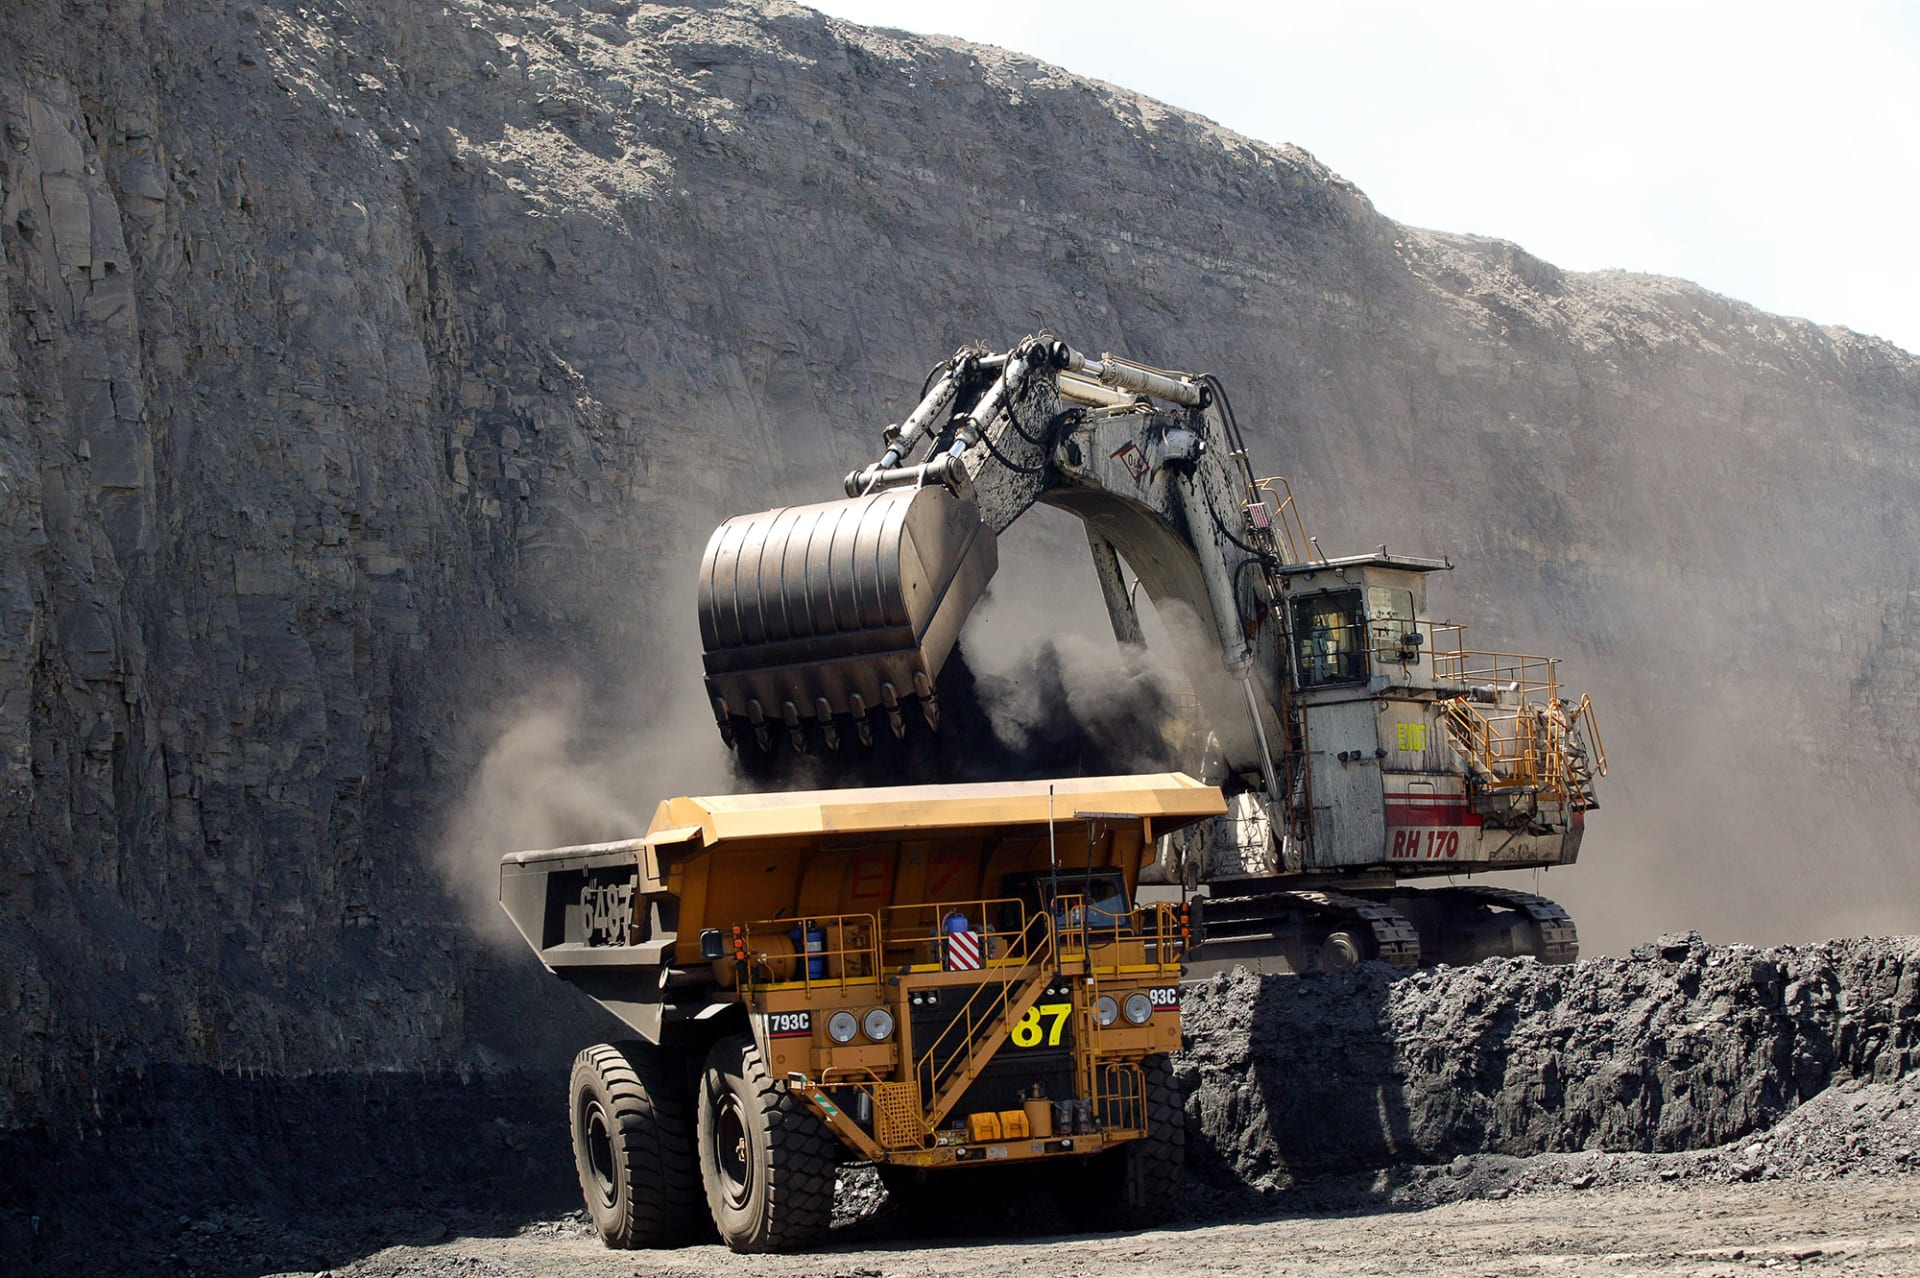 أكبر شركة تعدين في العالم تبتعد عن مشاريع تعدين الفحم